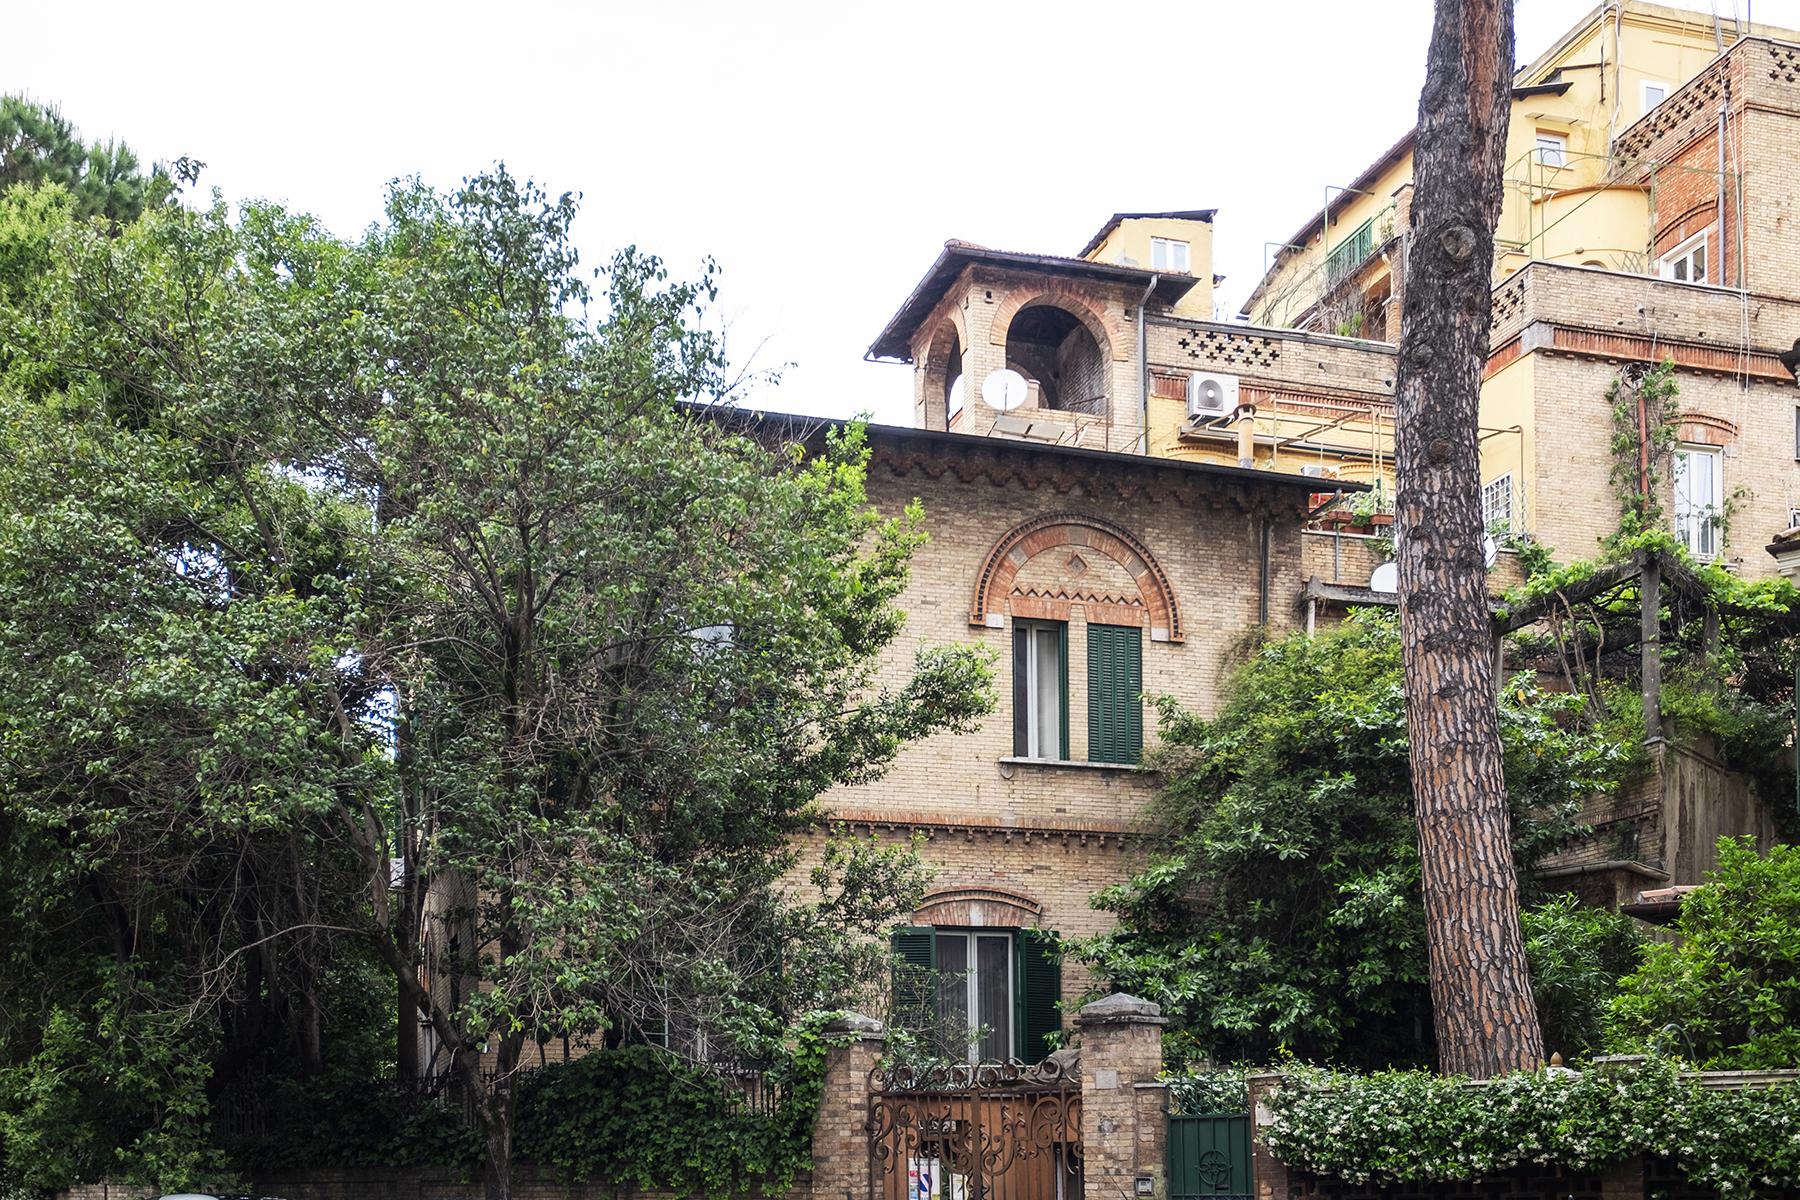 Villa in Vendita a Roma 06 Nuovo / Salario / Prati fiscali: 5 locali, 610 mq